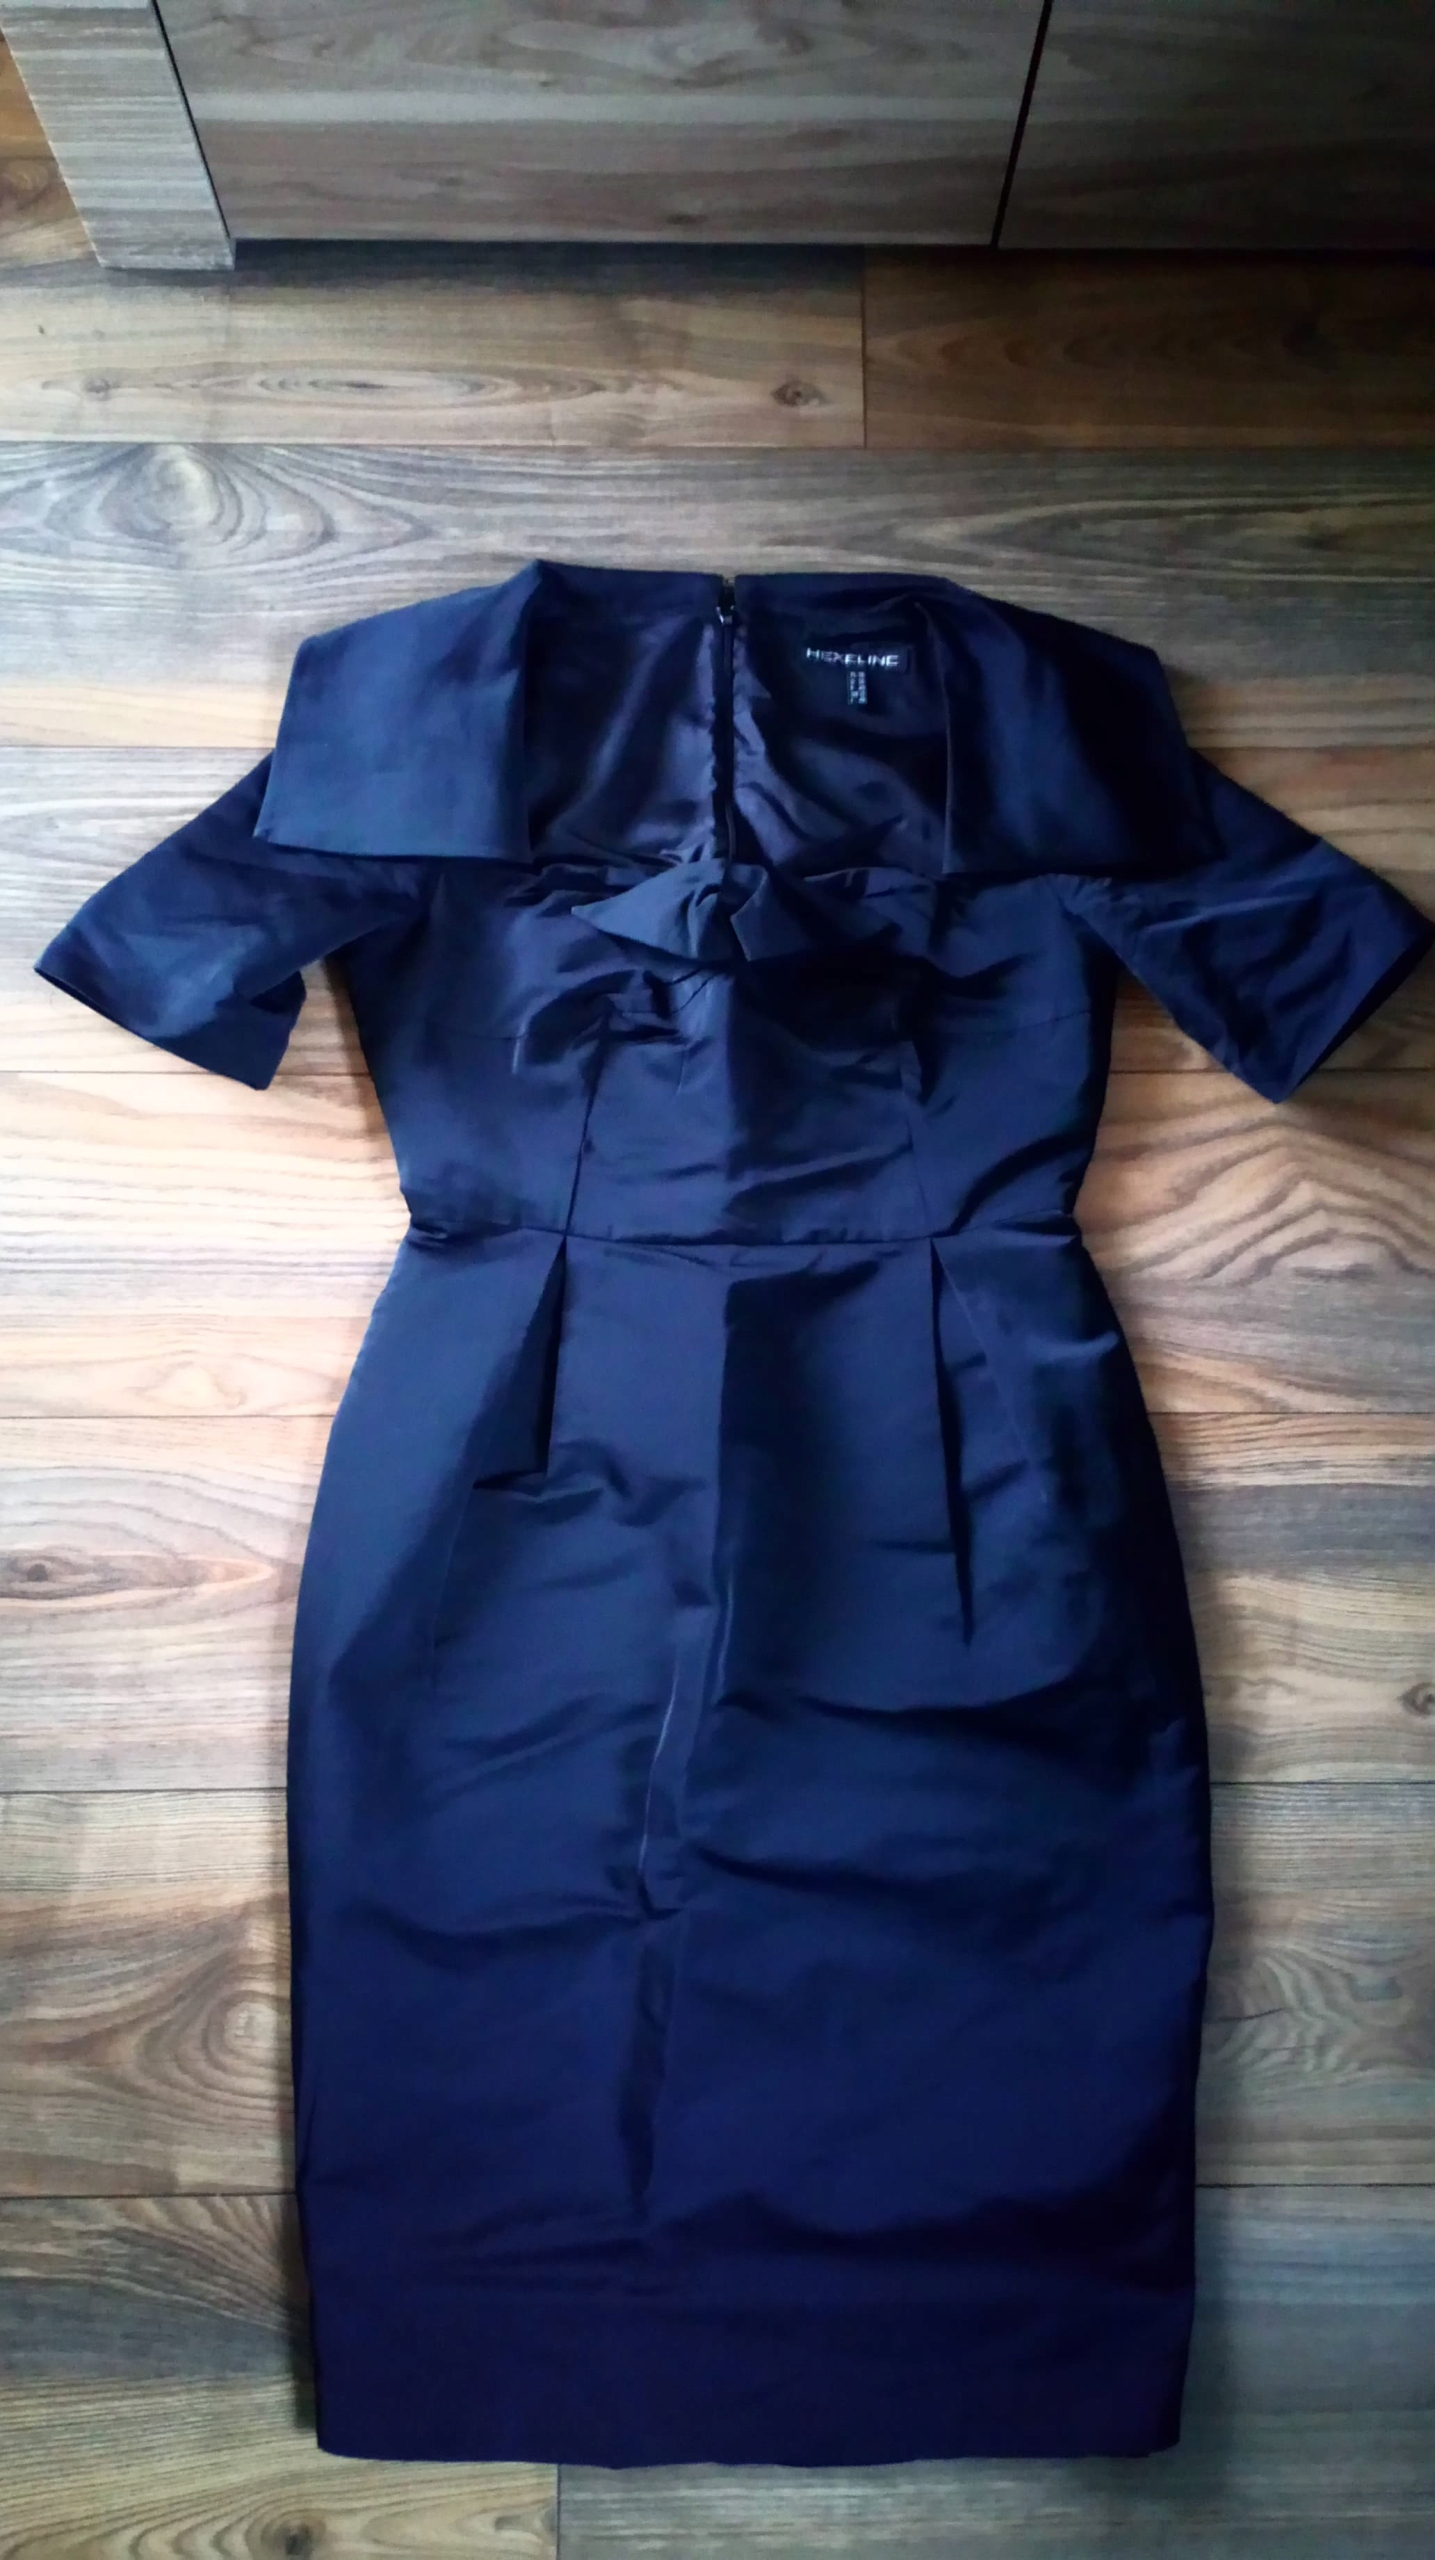 b57f4c0edac95b Hexeline czarna sukienka wizytowa 38 M - 7690480165 - oficjalne ...